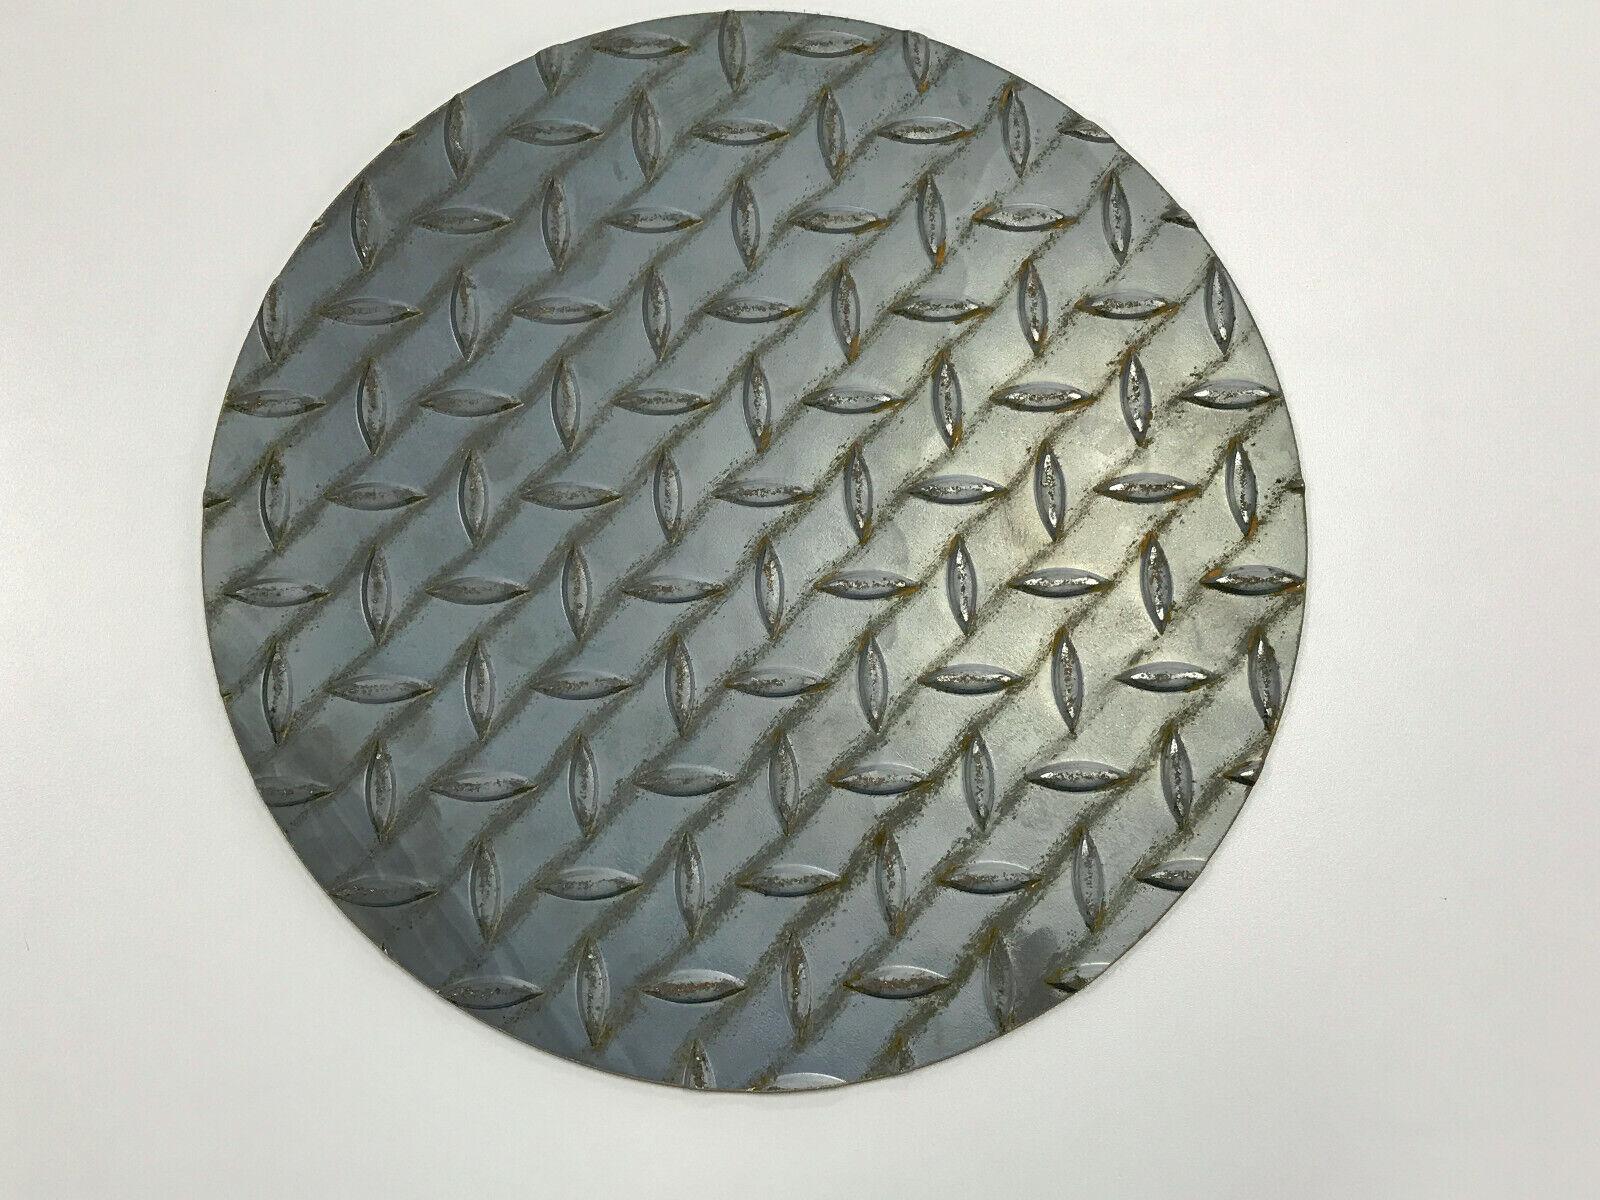 4mm Stahl Tränenblech Warzenblech Stahl Riffelblech Blech Wunschmaß Abdeckung